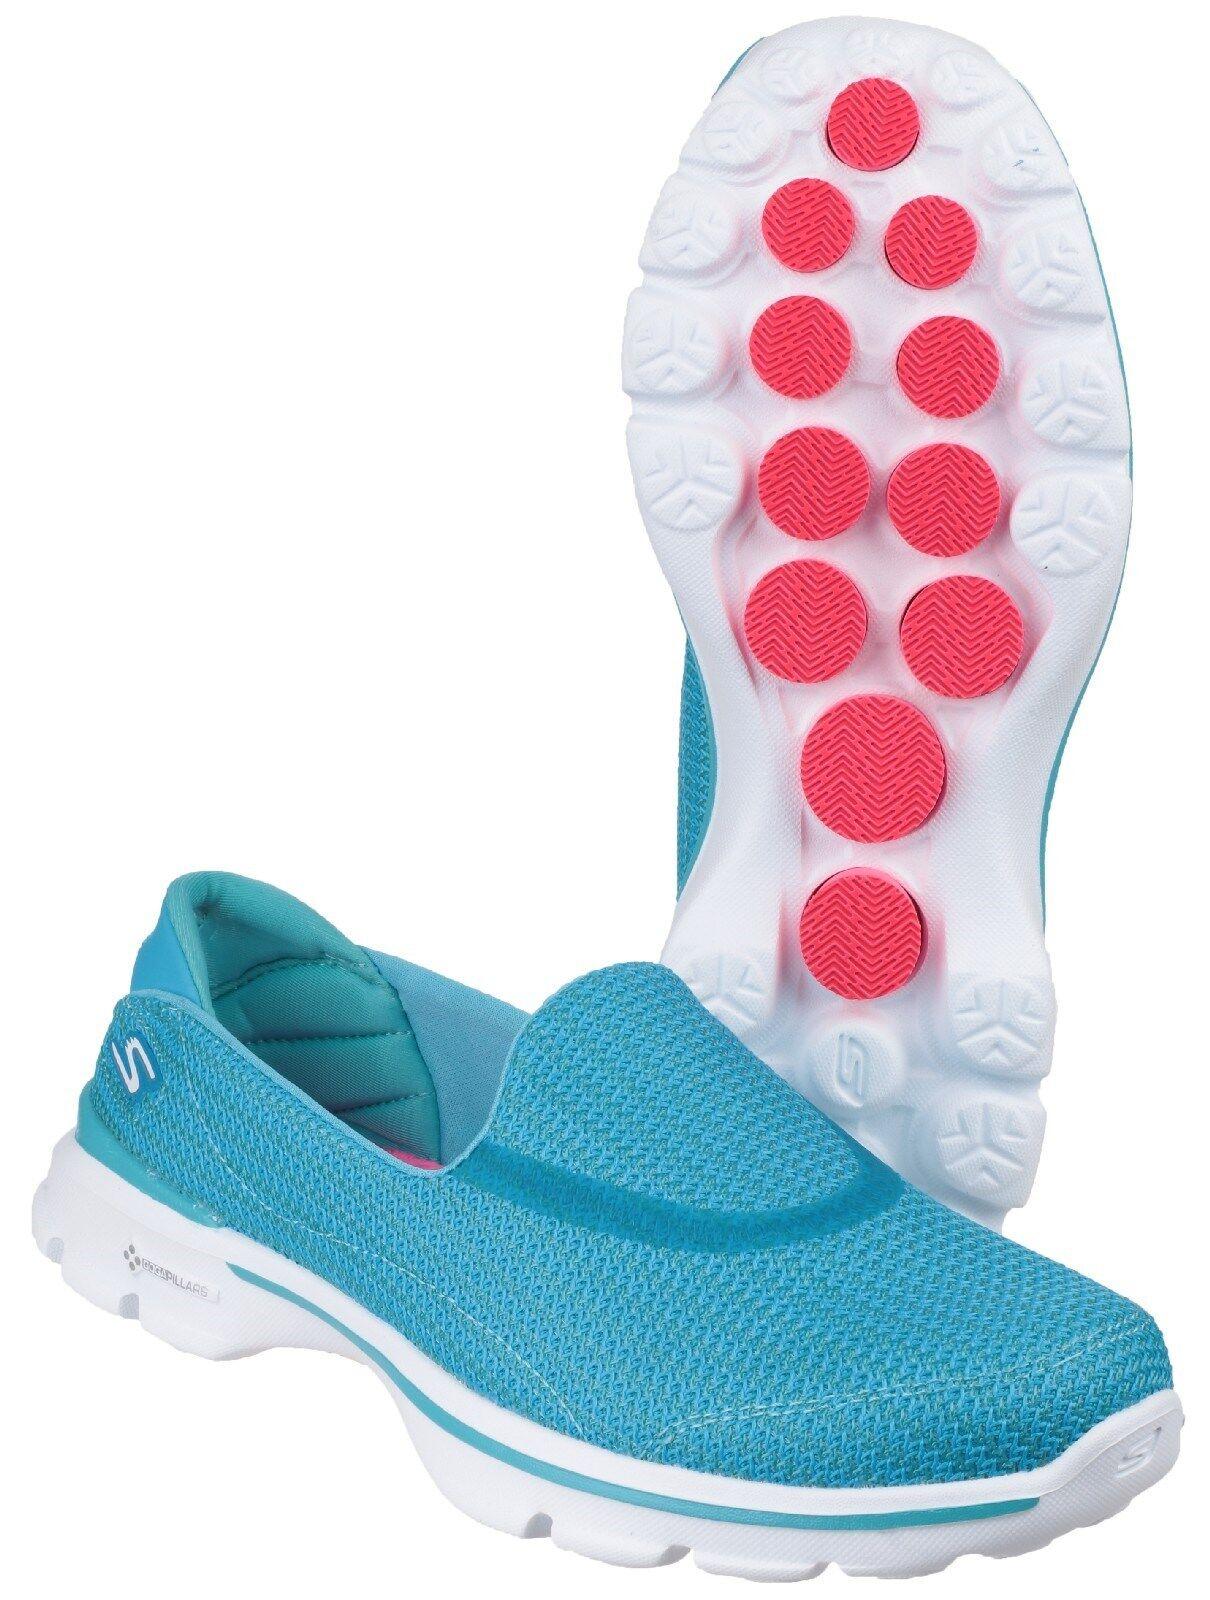 Skechers Go Walk Knit 3 Slip On Damenschuhe Memory Foam Knit Walk Trainers Schuhes UK3-8 8fe46f